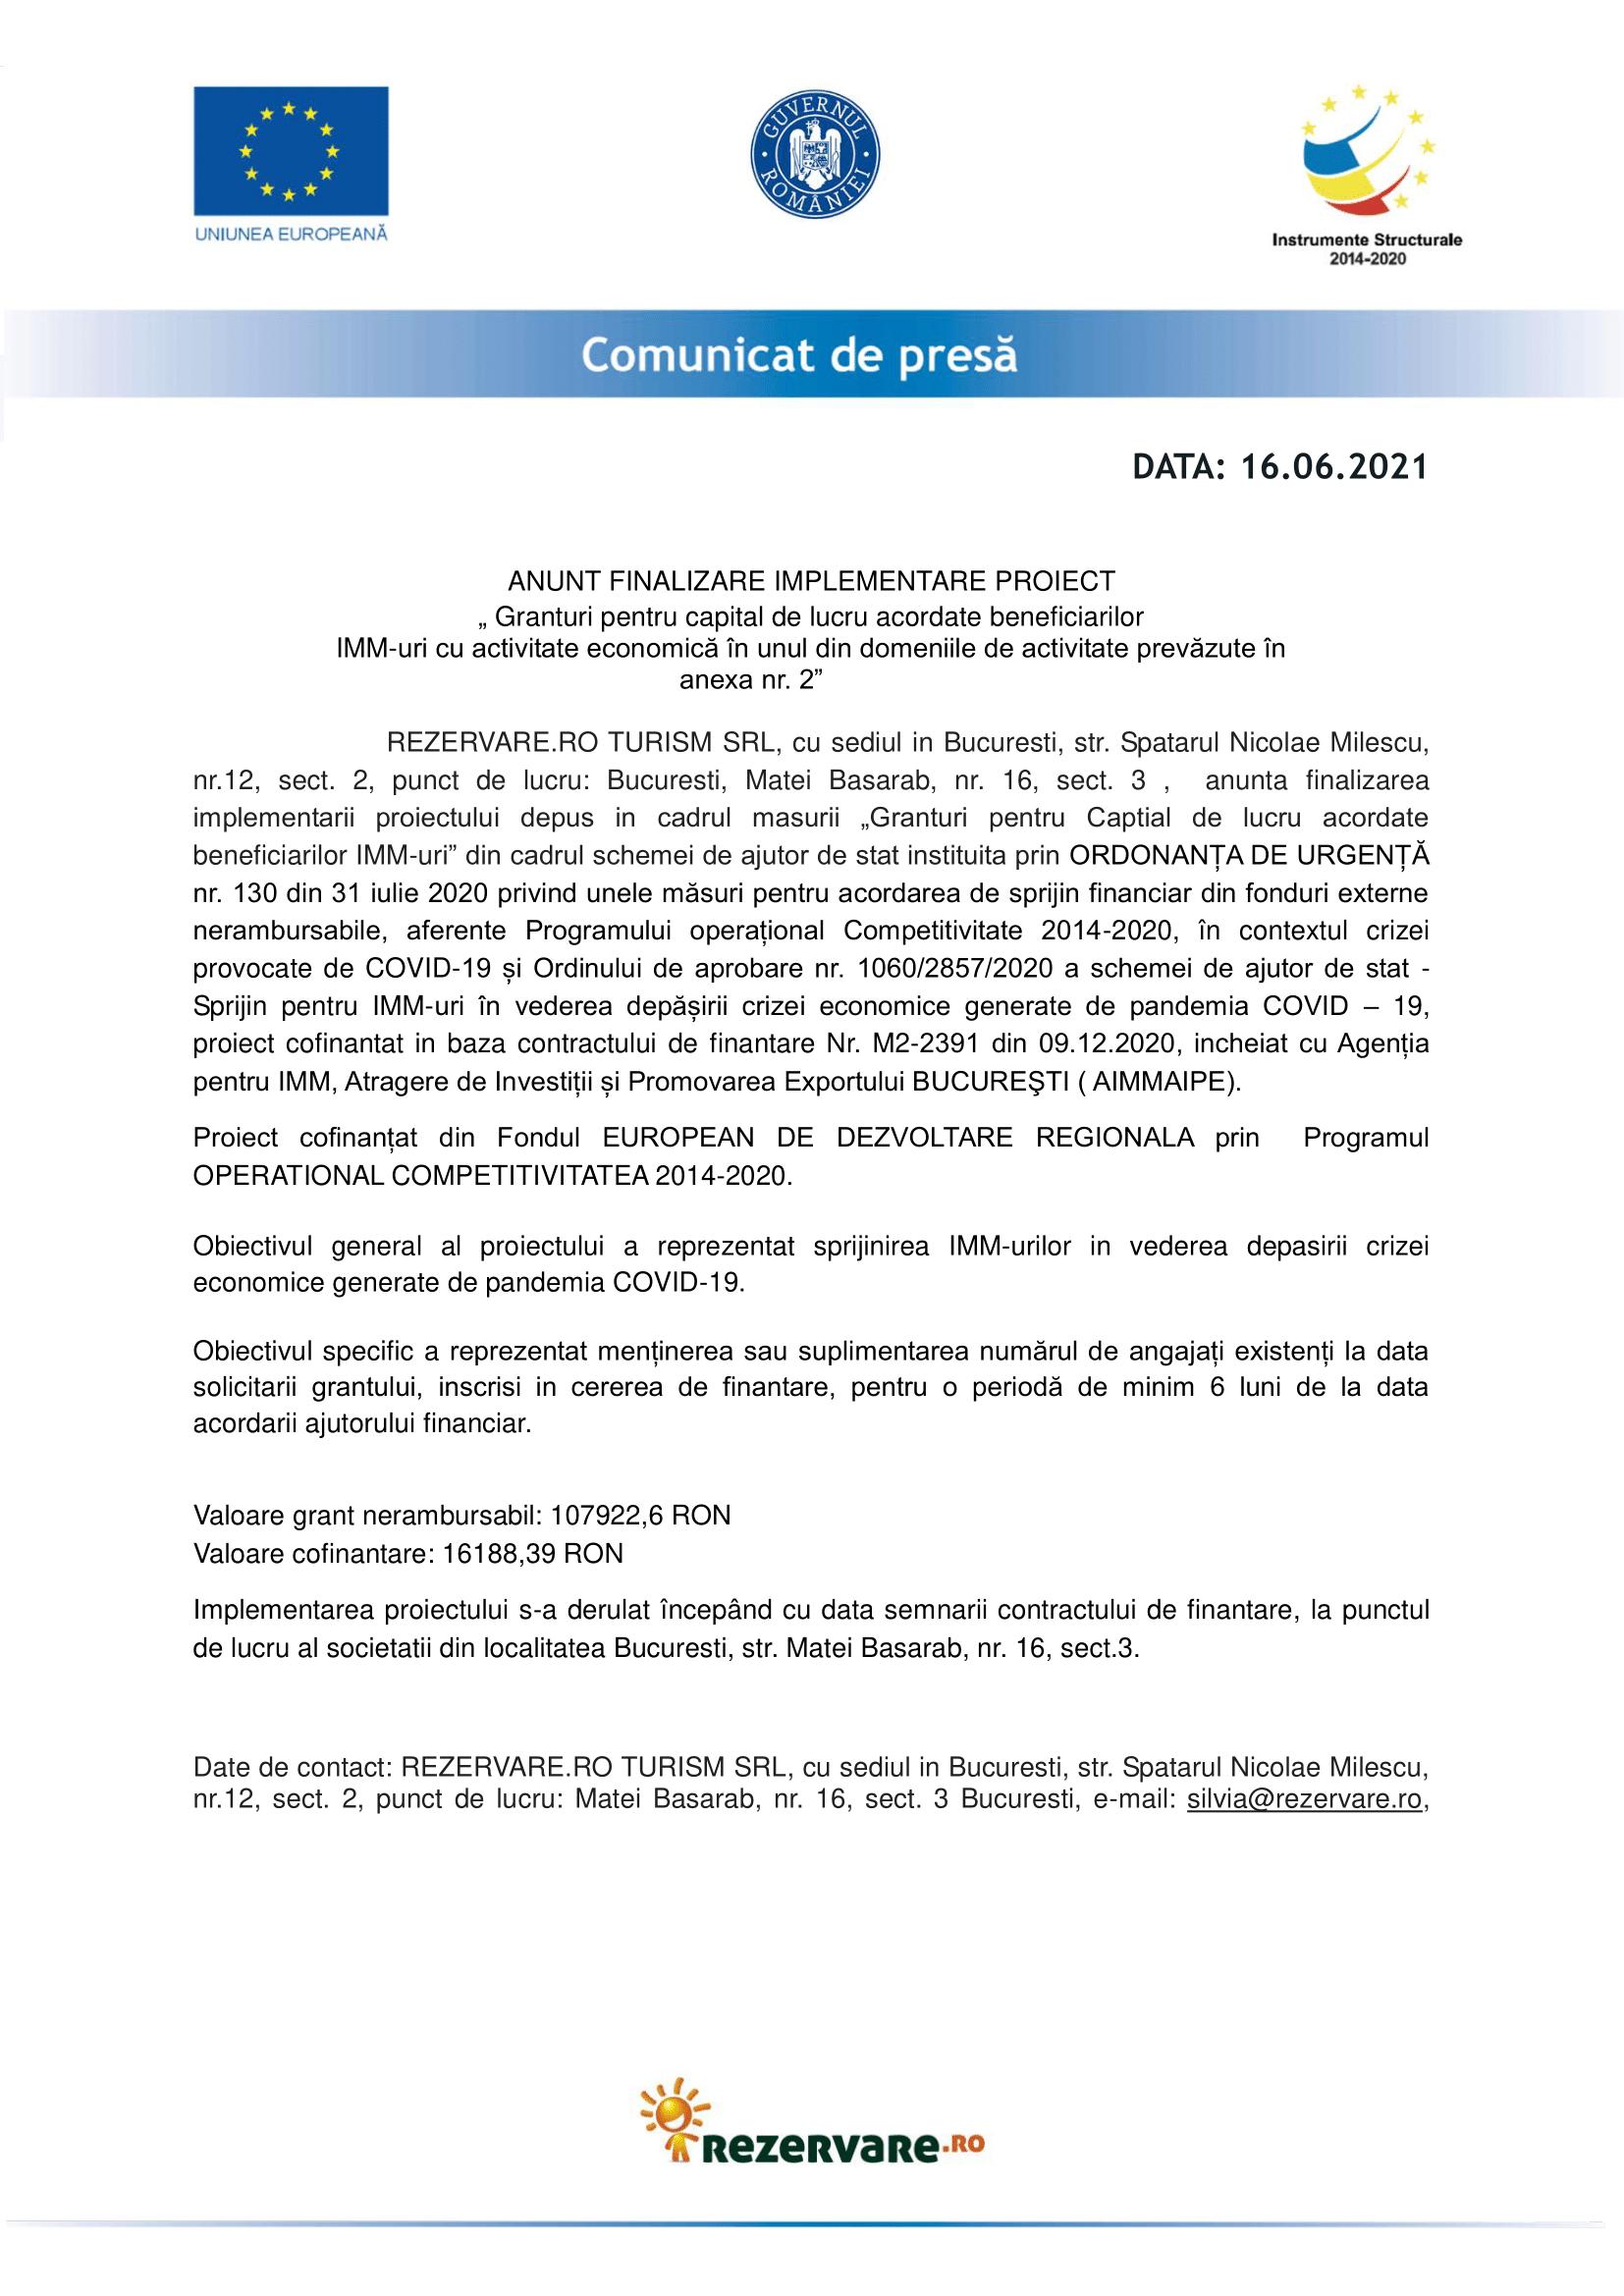 Comunicat de Presa finalizare proiect REZERVARE.RO TURISM-1